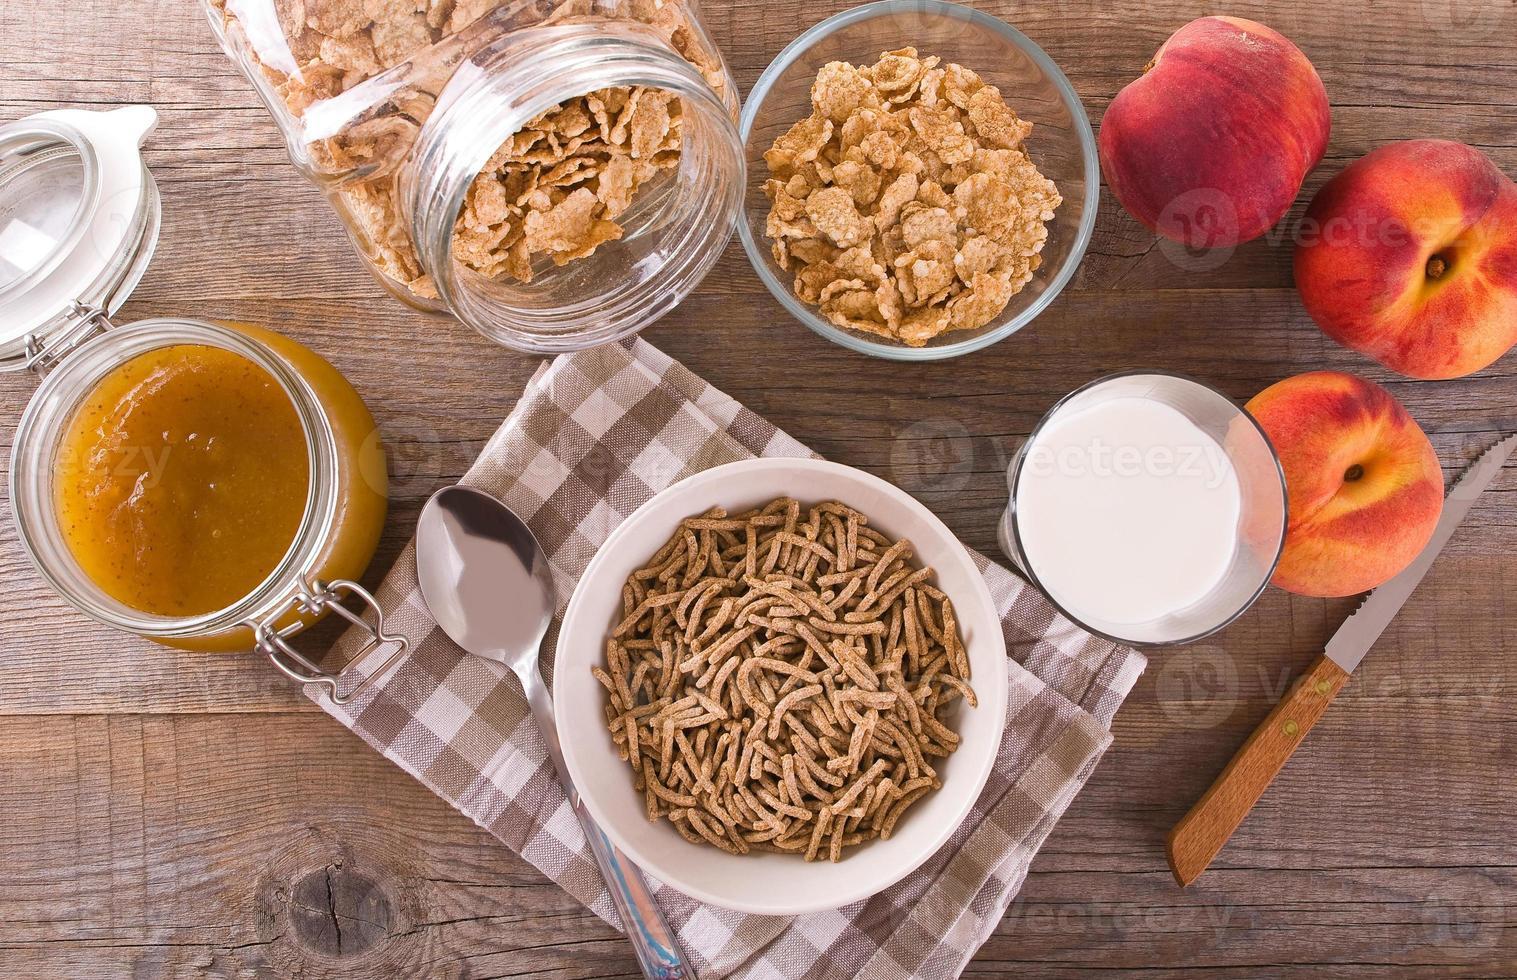 cereali per la colazione. foto